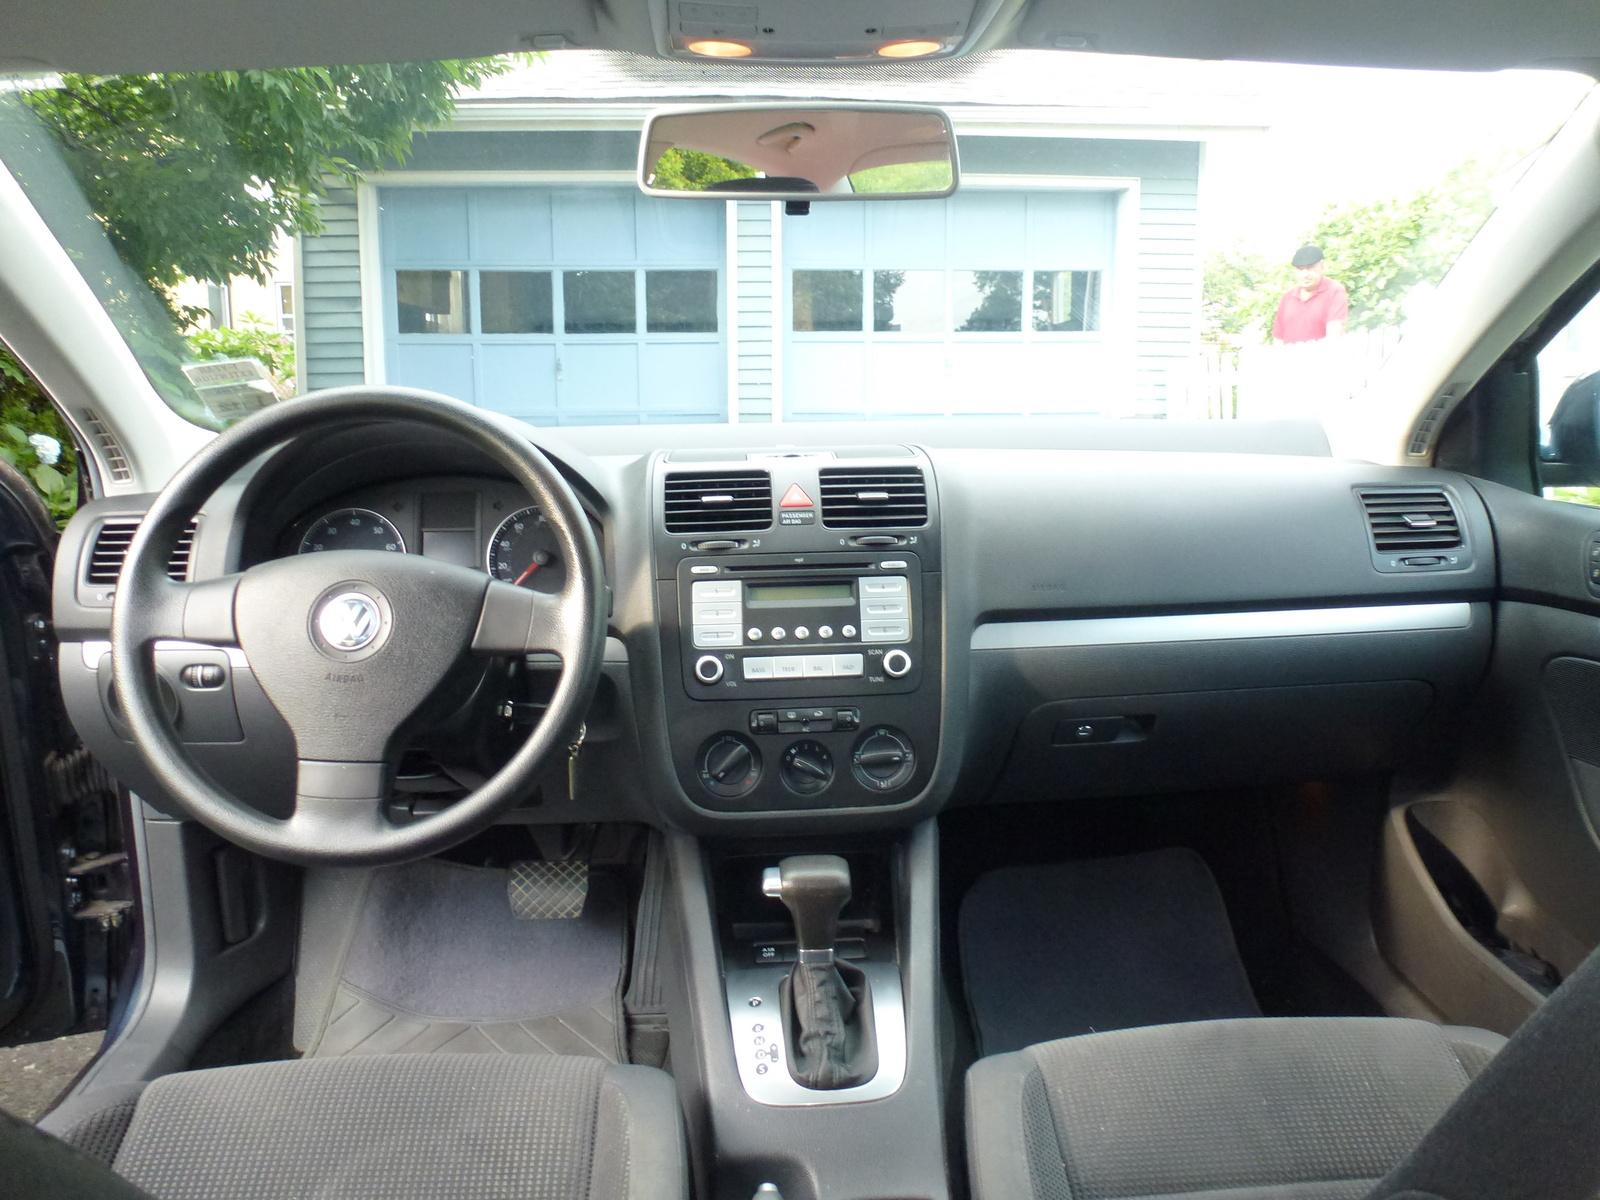 2008 Volkswagen Jetta - Pictures - CarGurus